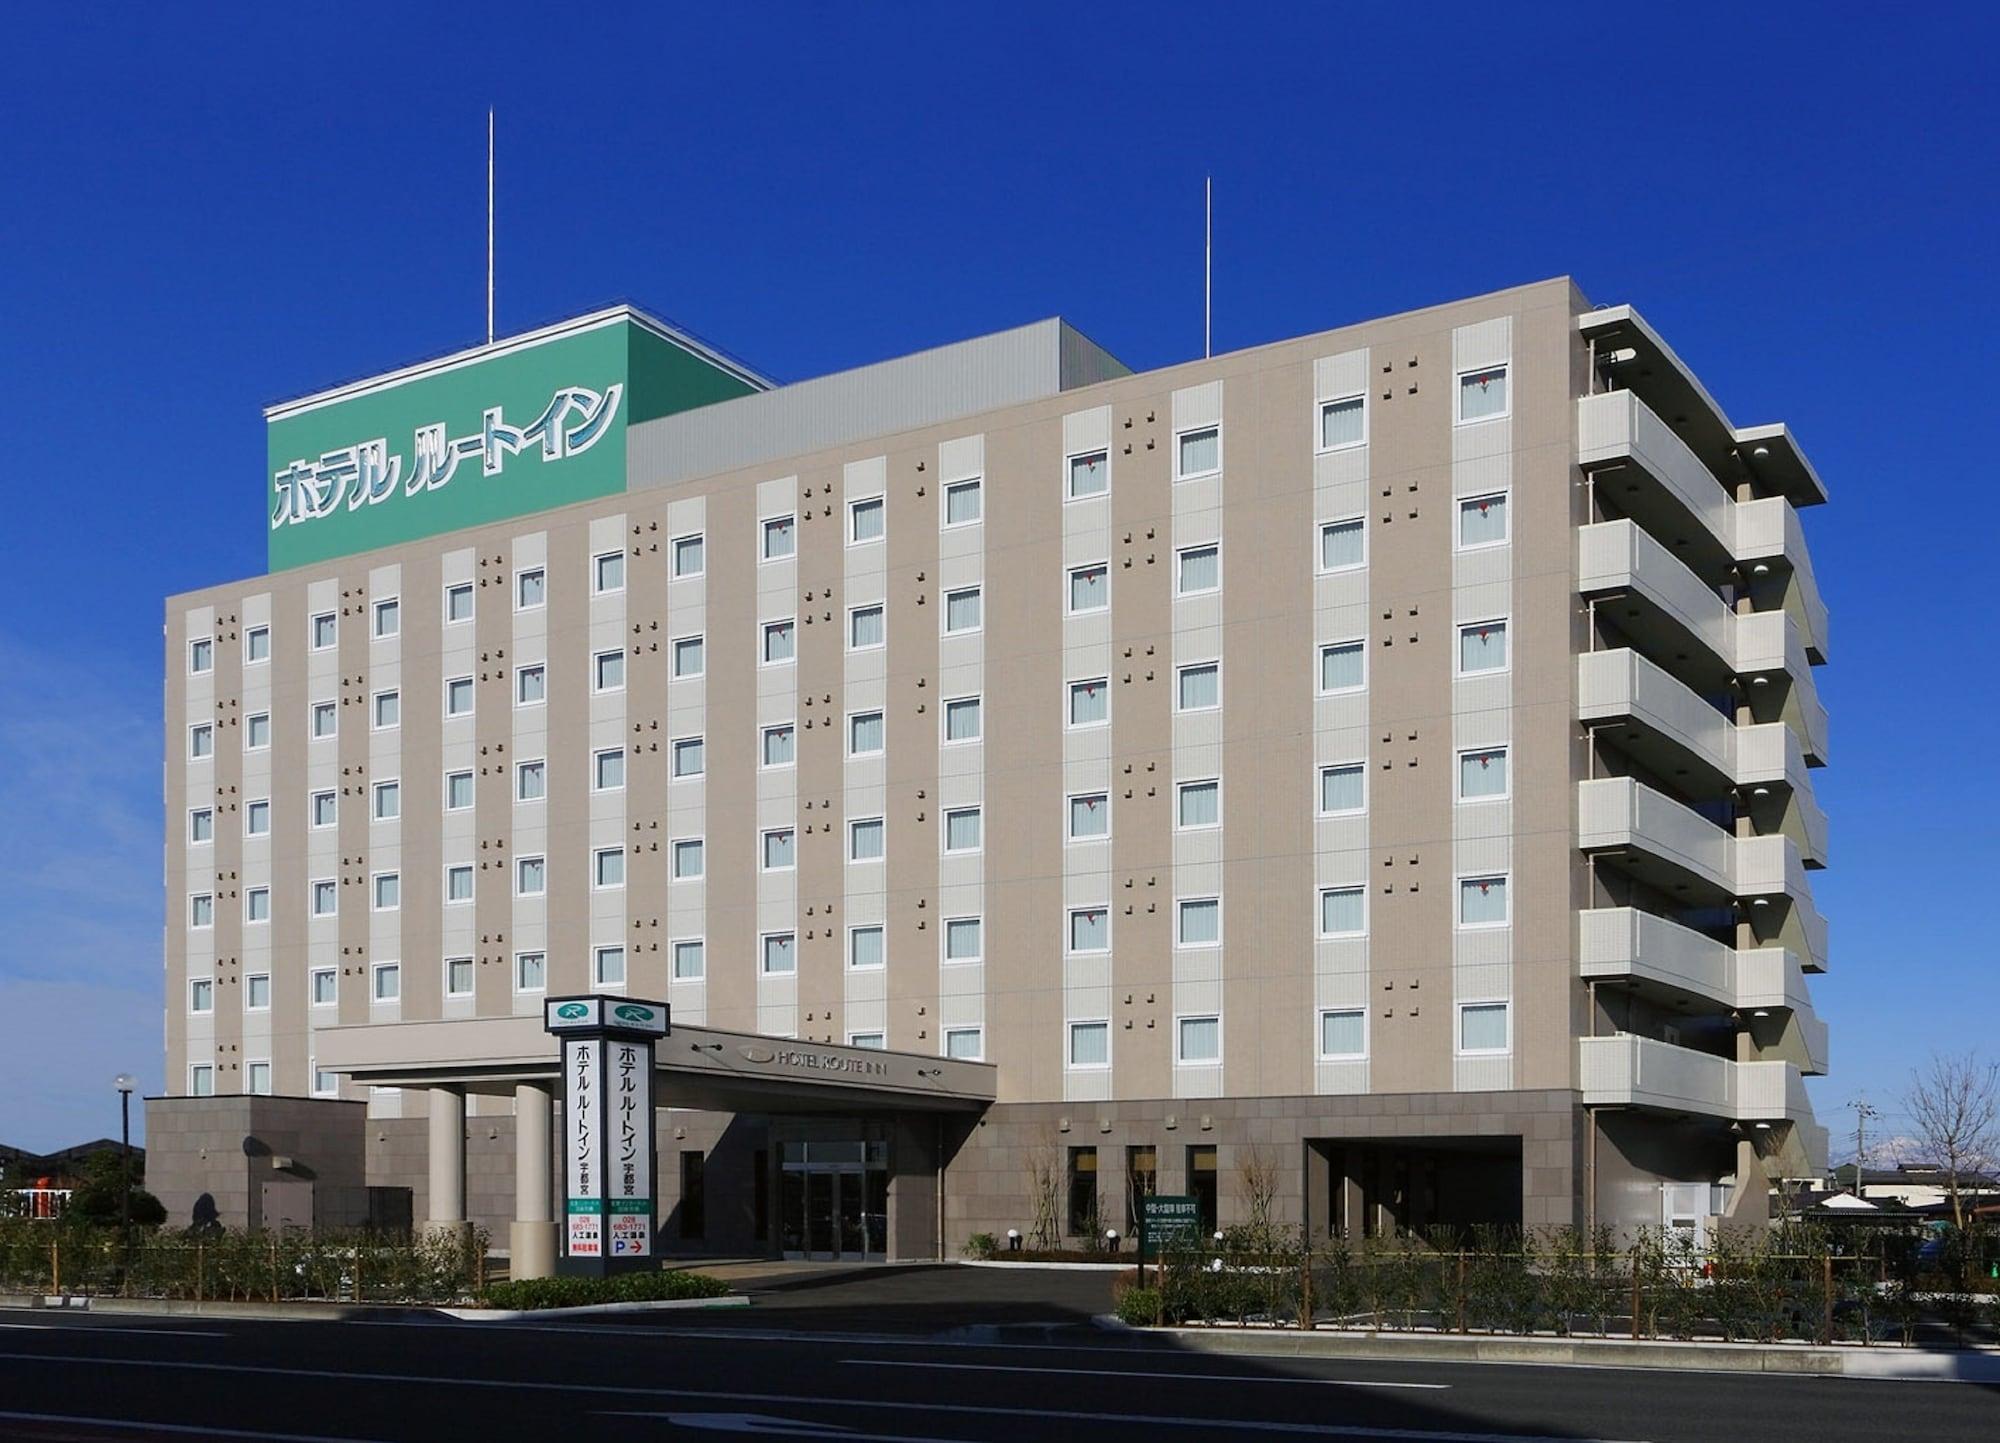 Hotel Route-Inn Utsunomiya Miyukicho-kokudou4gou-, Utsunomiya